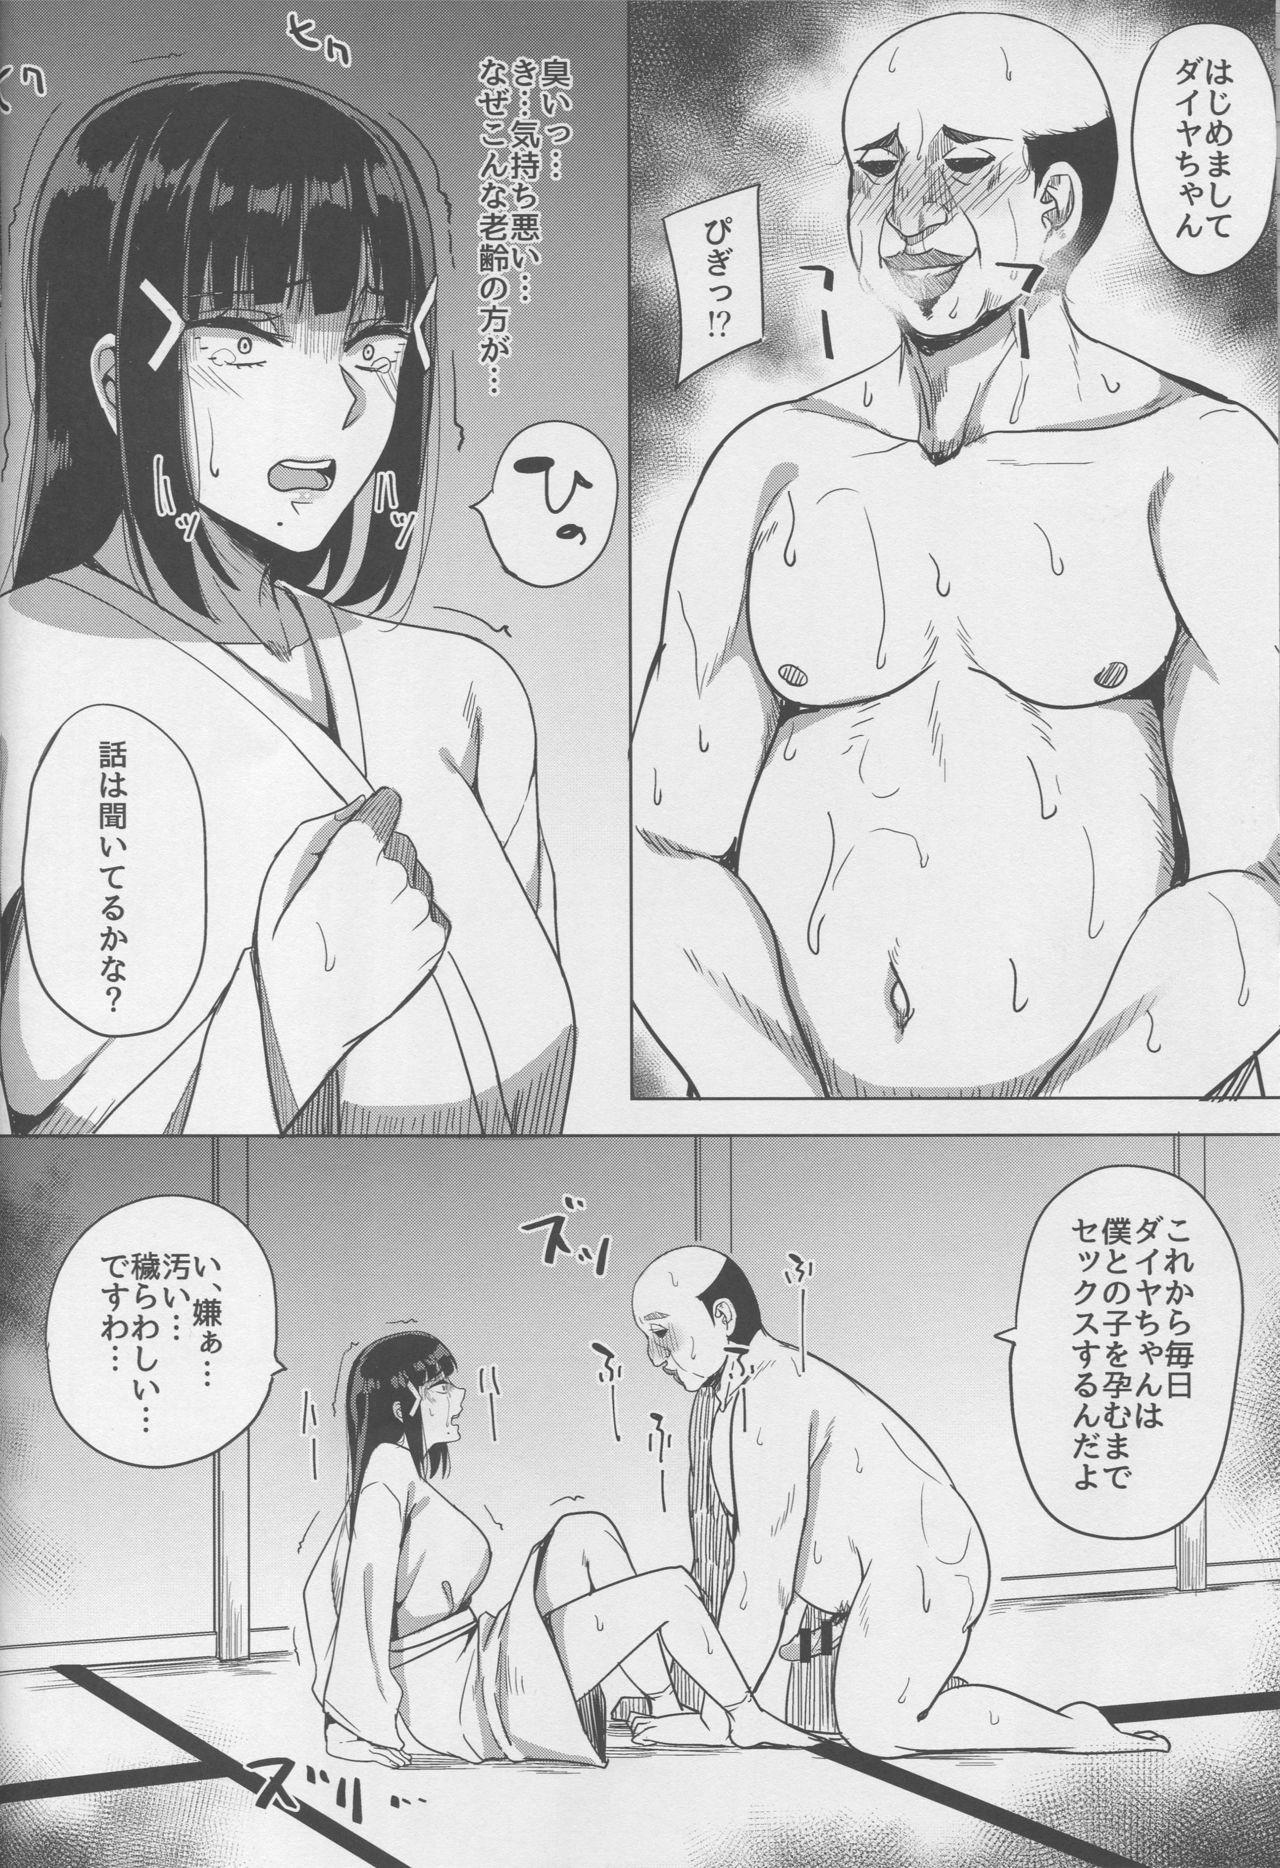 Kurosawa-ke no Inshuu 3